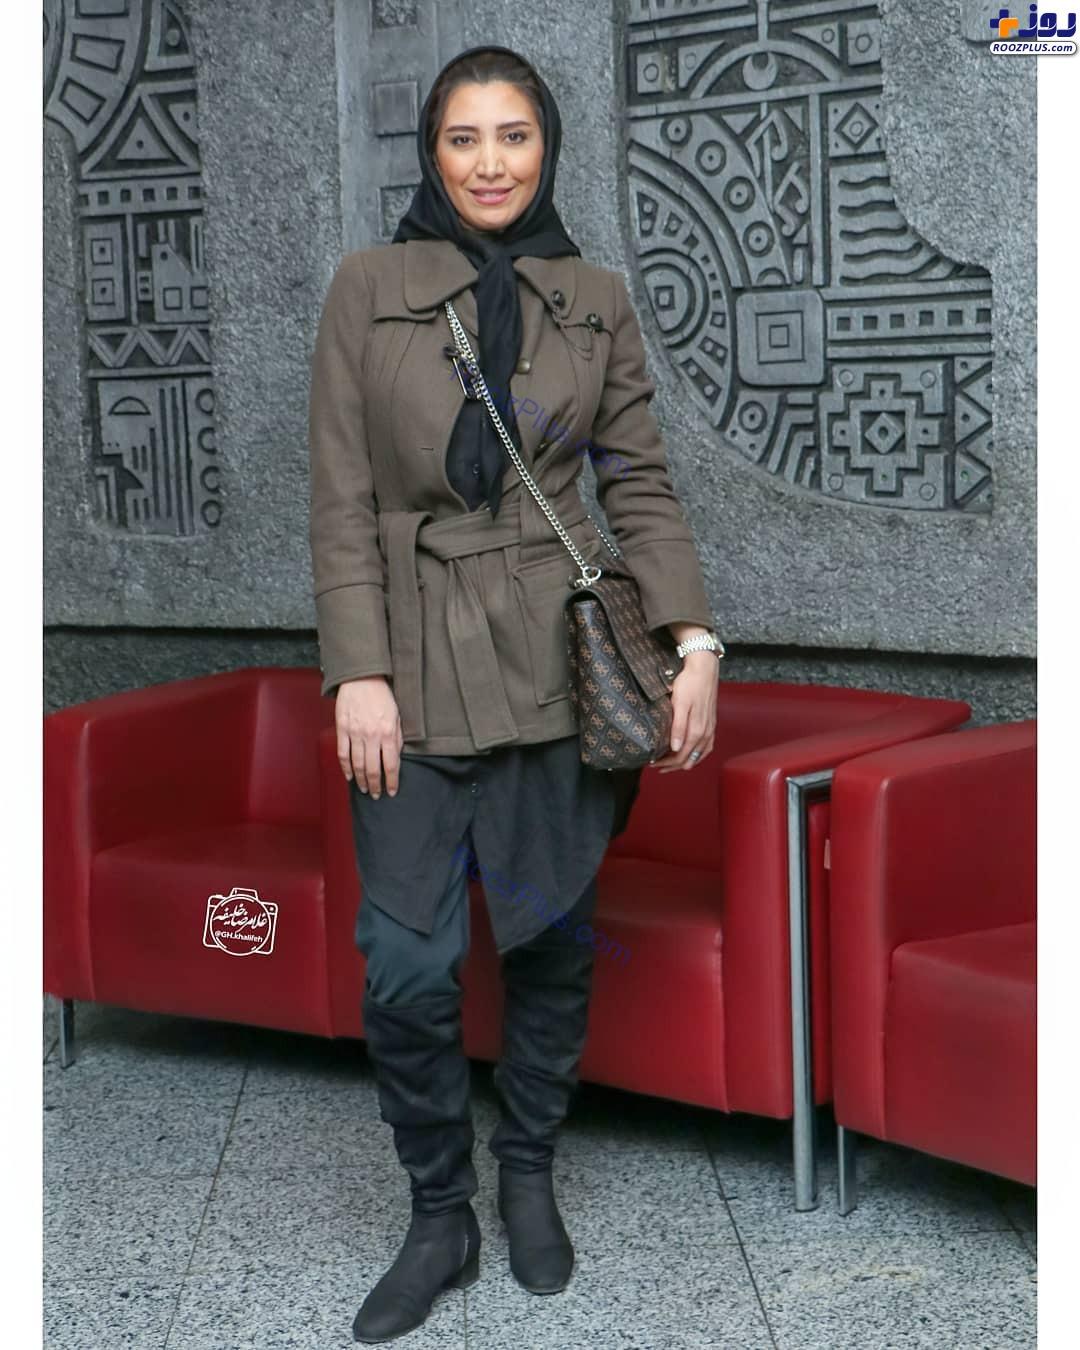 لباس های عجیب و غریب دختر مجید مظفری+عکس